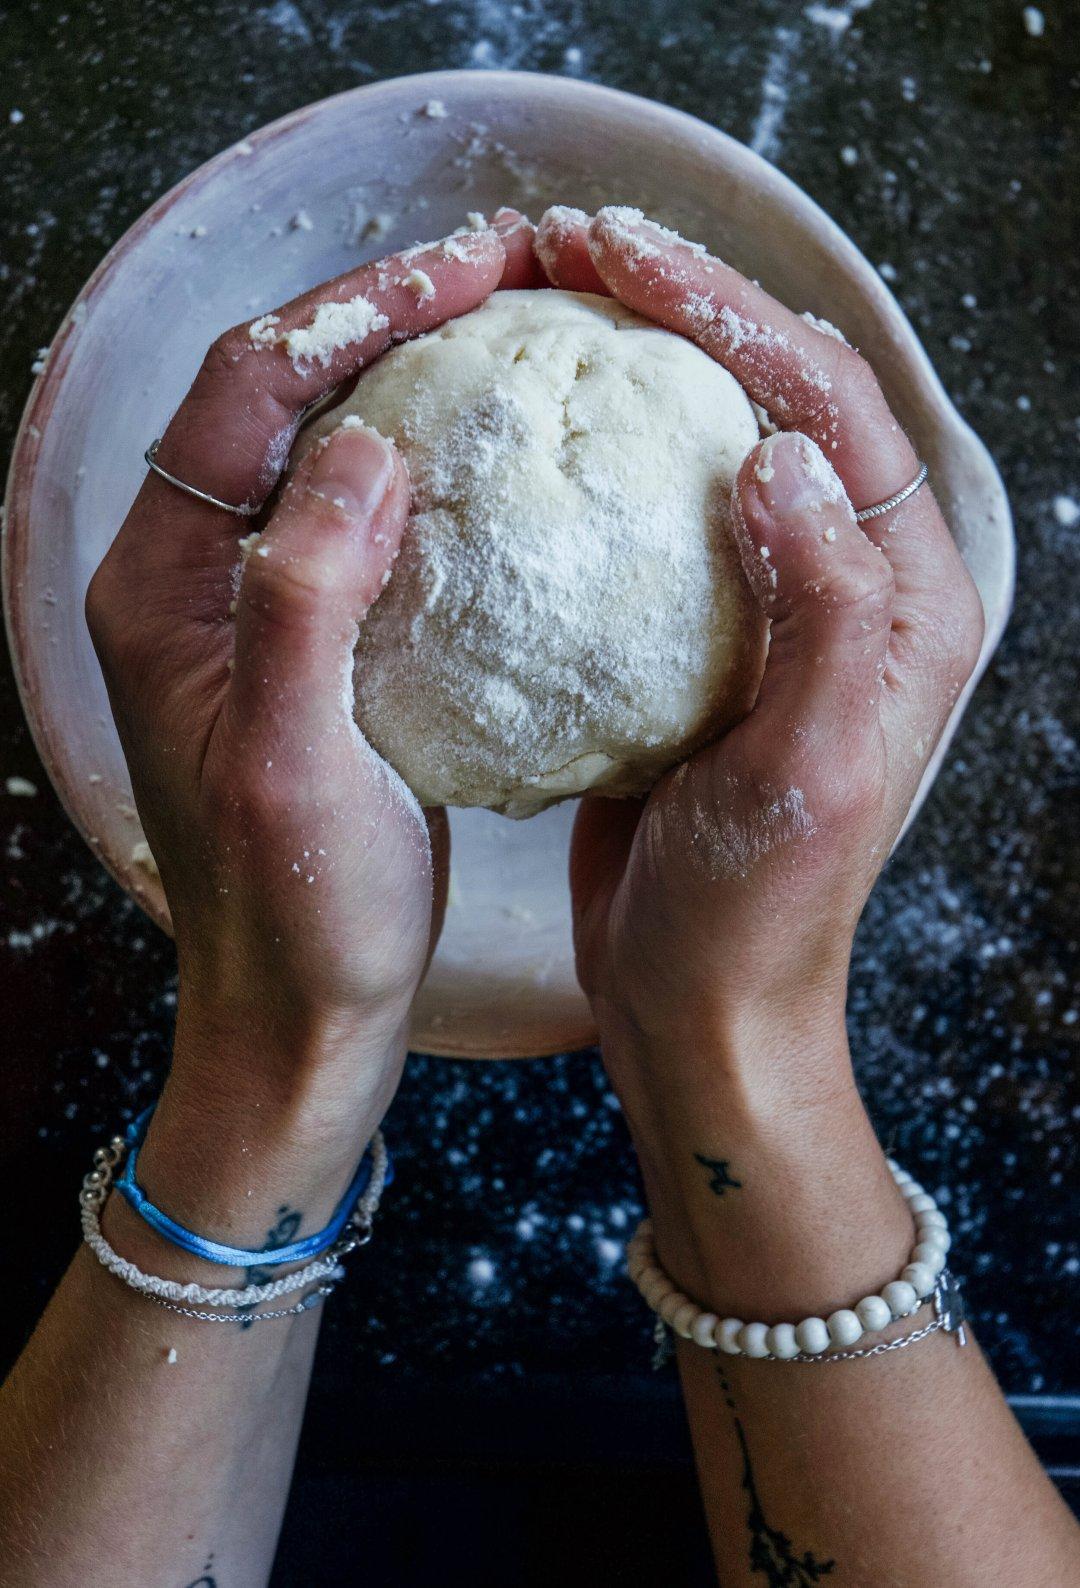 Hands holding dough